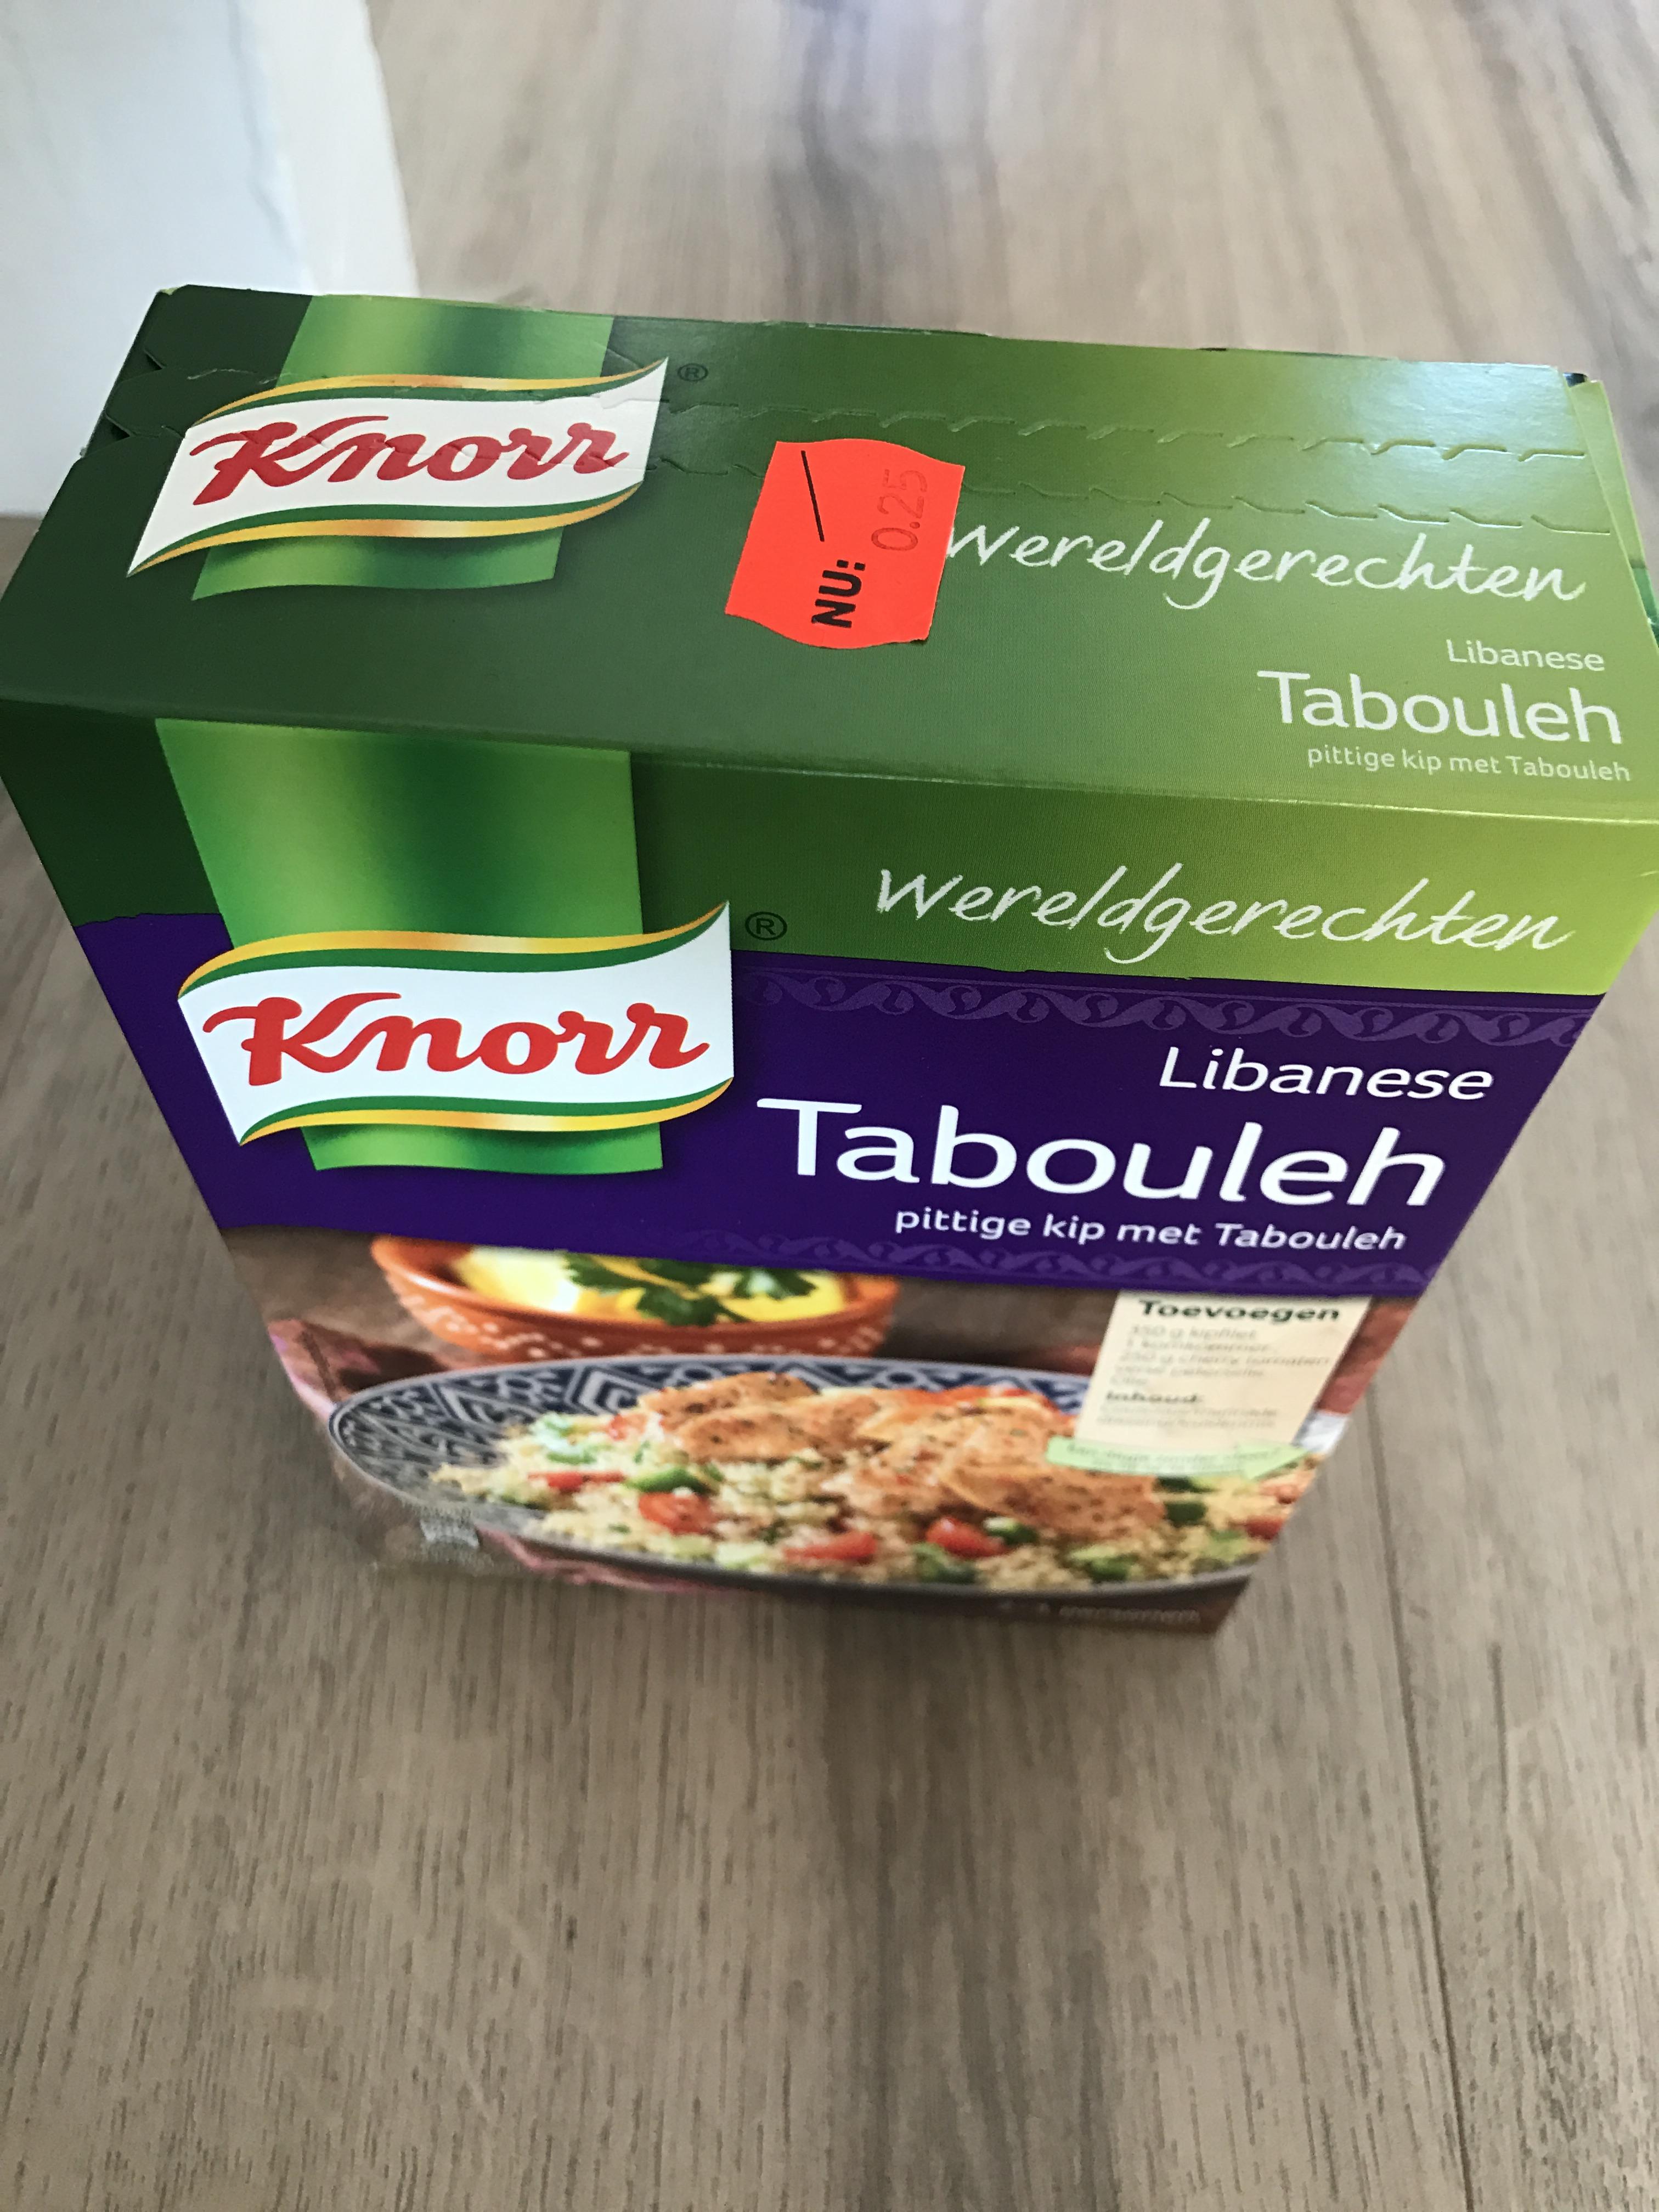 Knorr wereldgerecht voor €0,25 ipv €2,65: Libanese Tabouleh @ Xenos